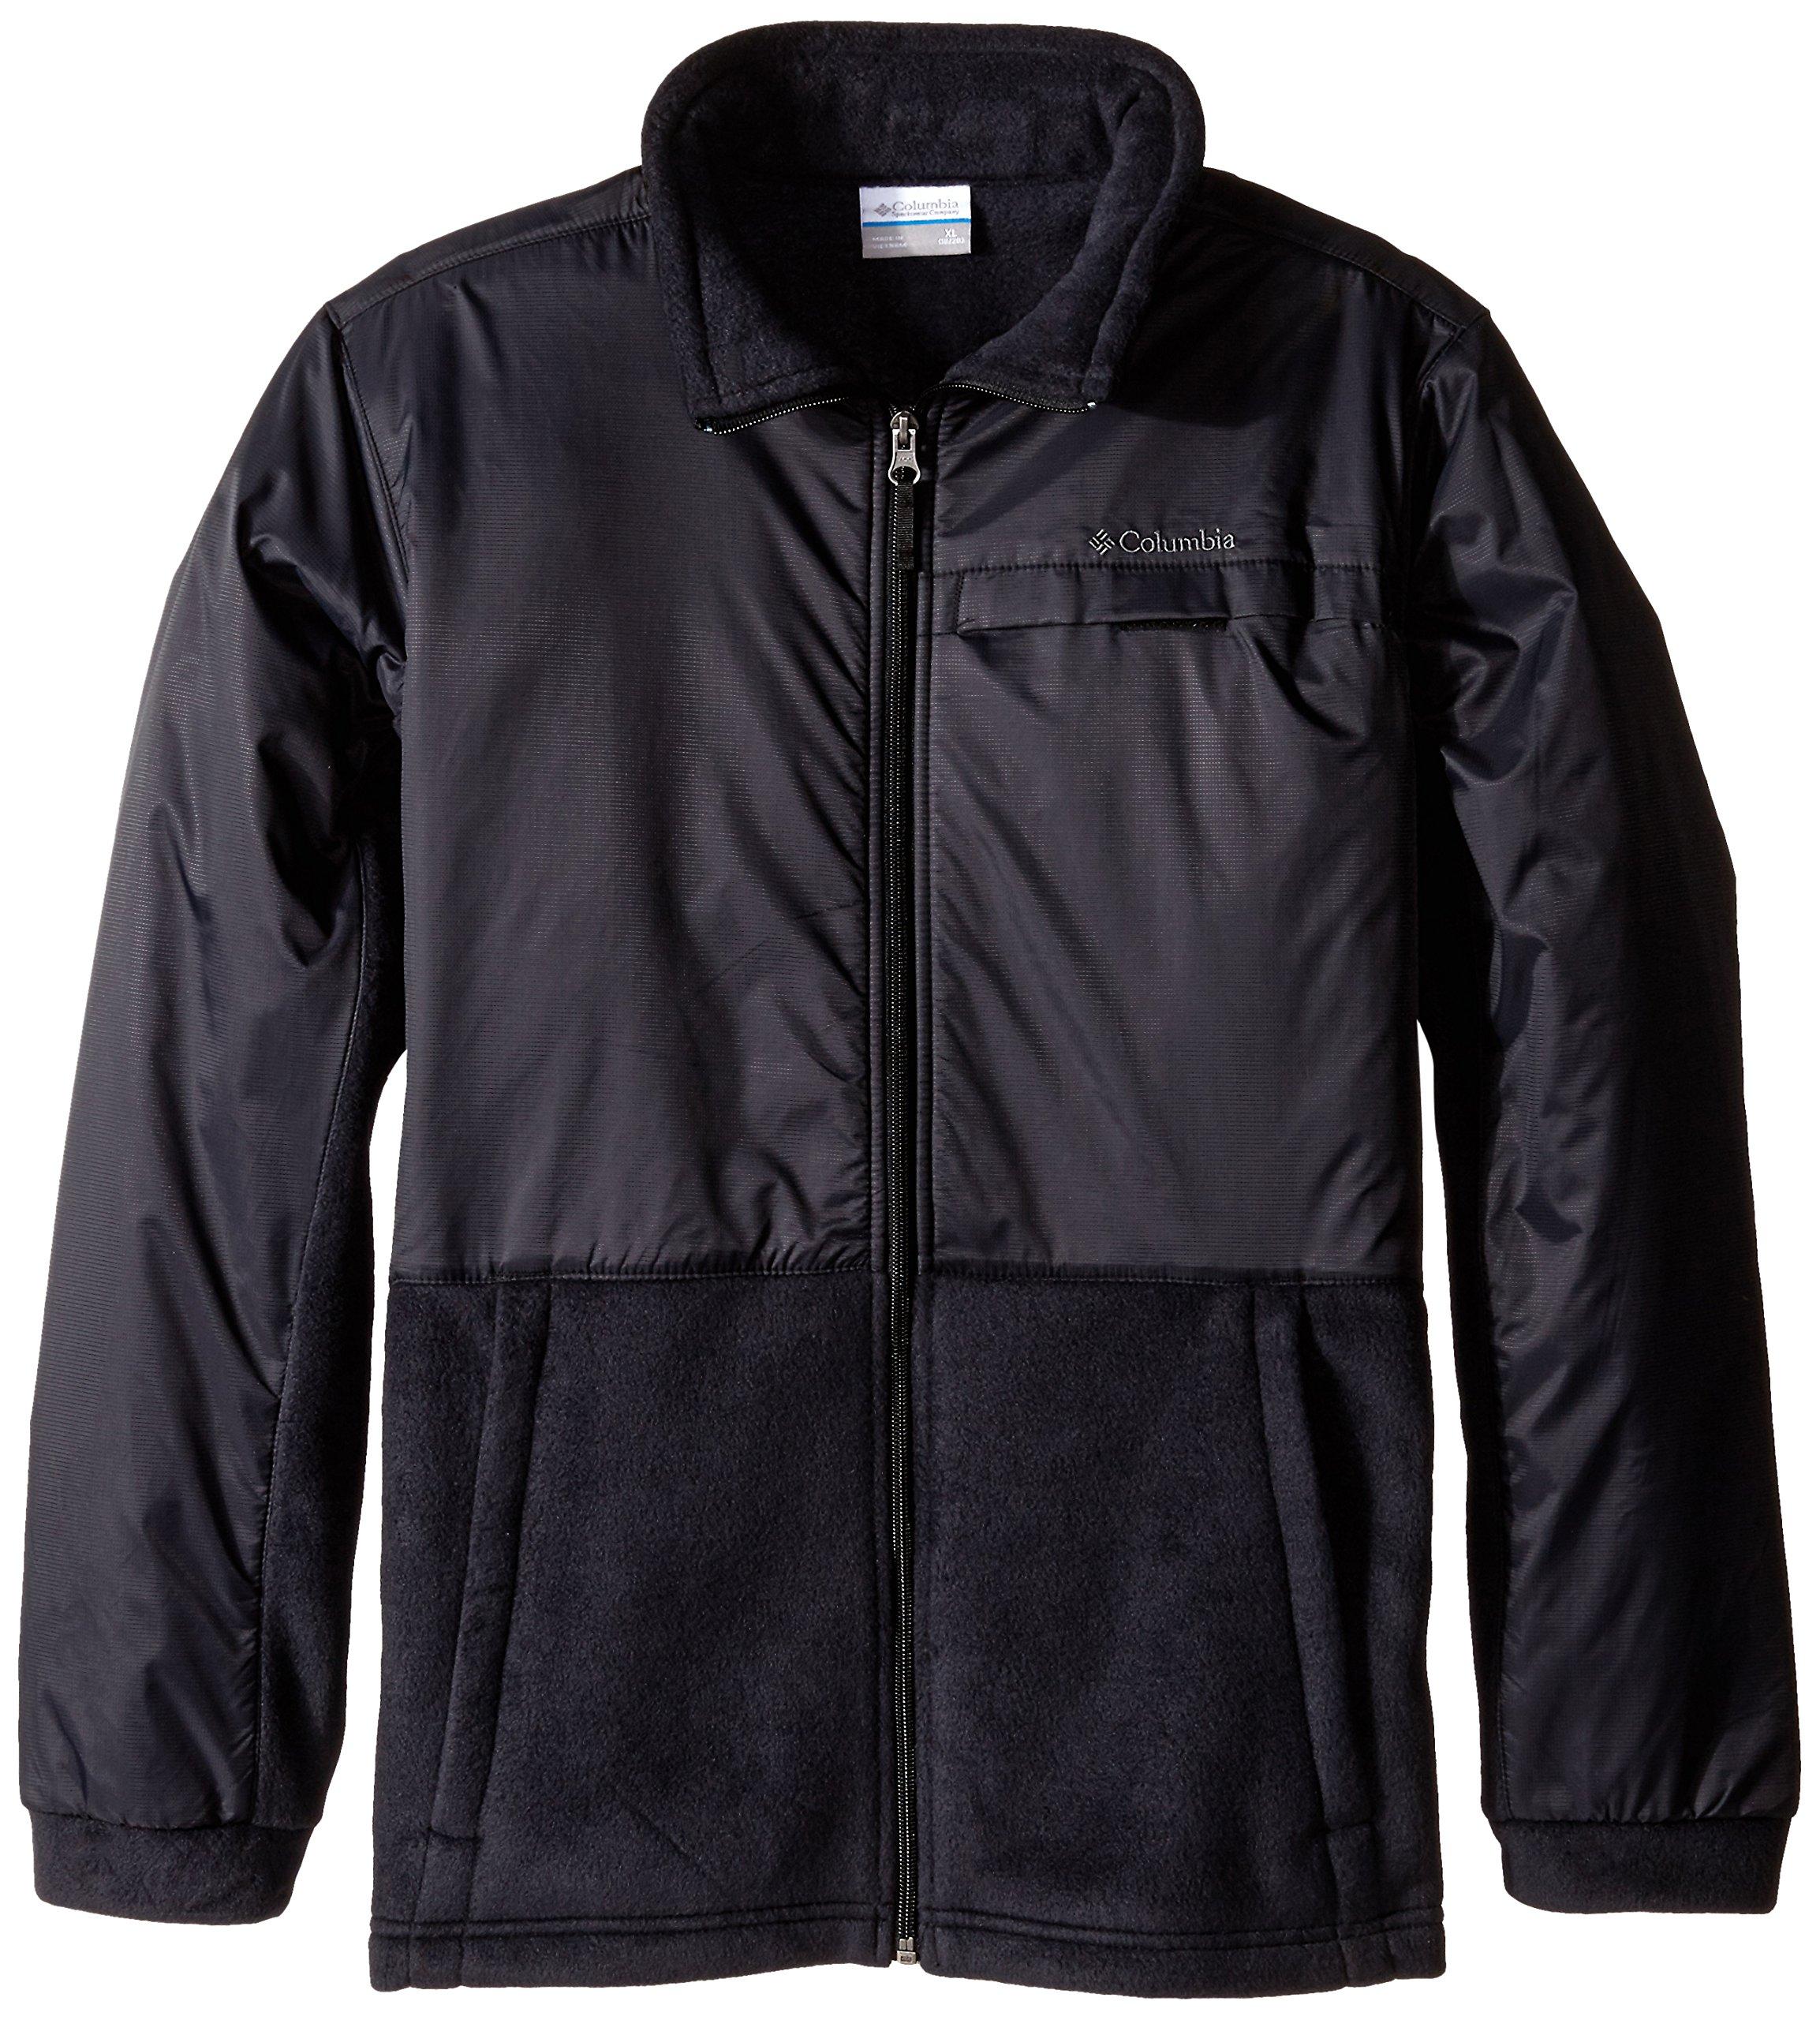 Columbia Big Boys' Steens MT Overlay Fleece Jacket, Black, Medium